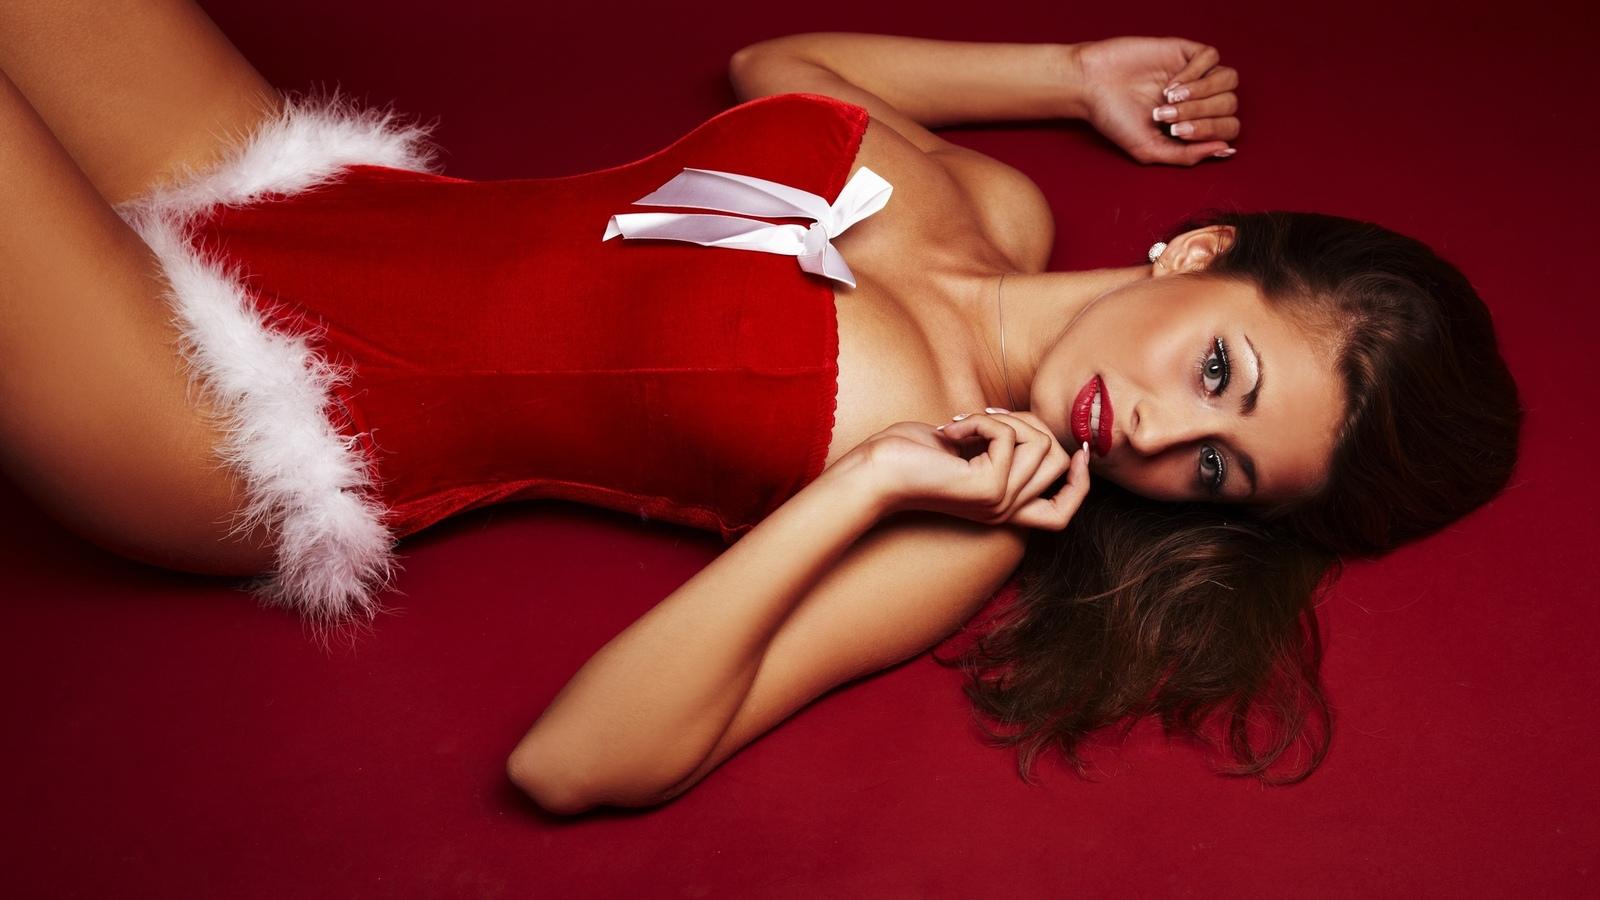 Сексуальные новогодние фотографии 19 фотография